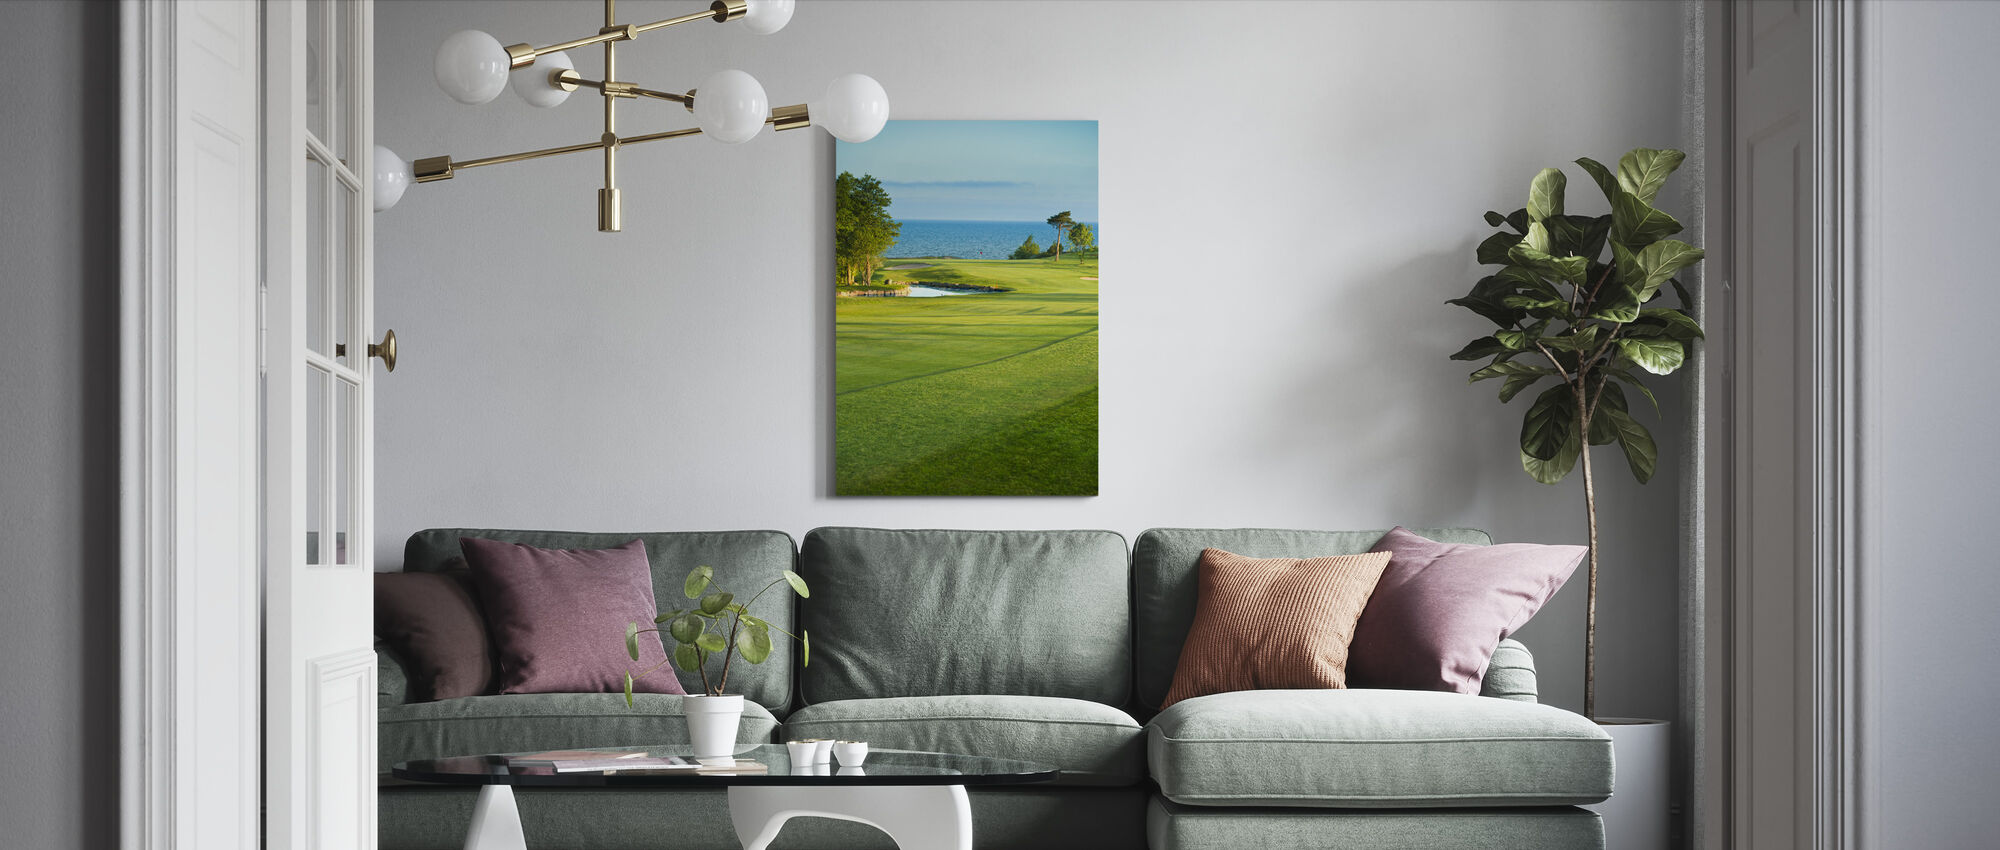 Golfbana i Stora Lund, Sverige - Canvastavla - Vardagsrum